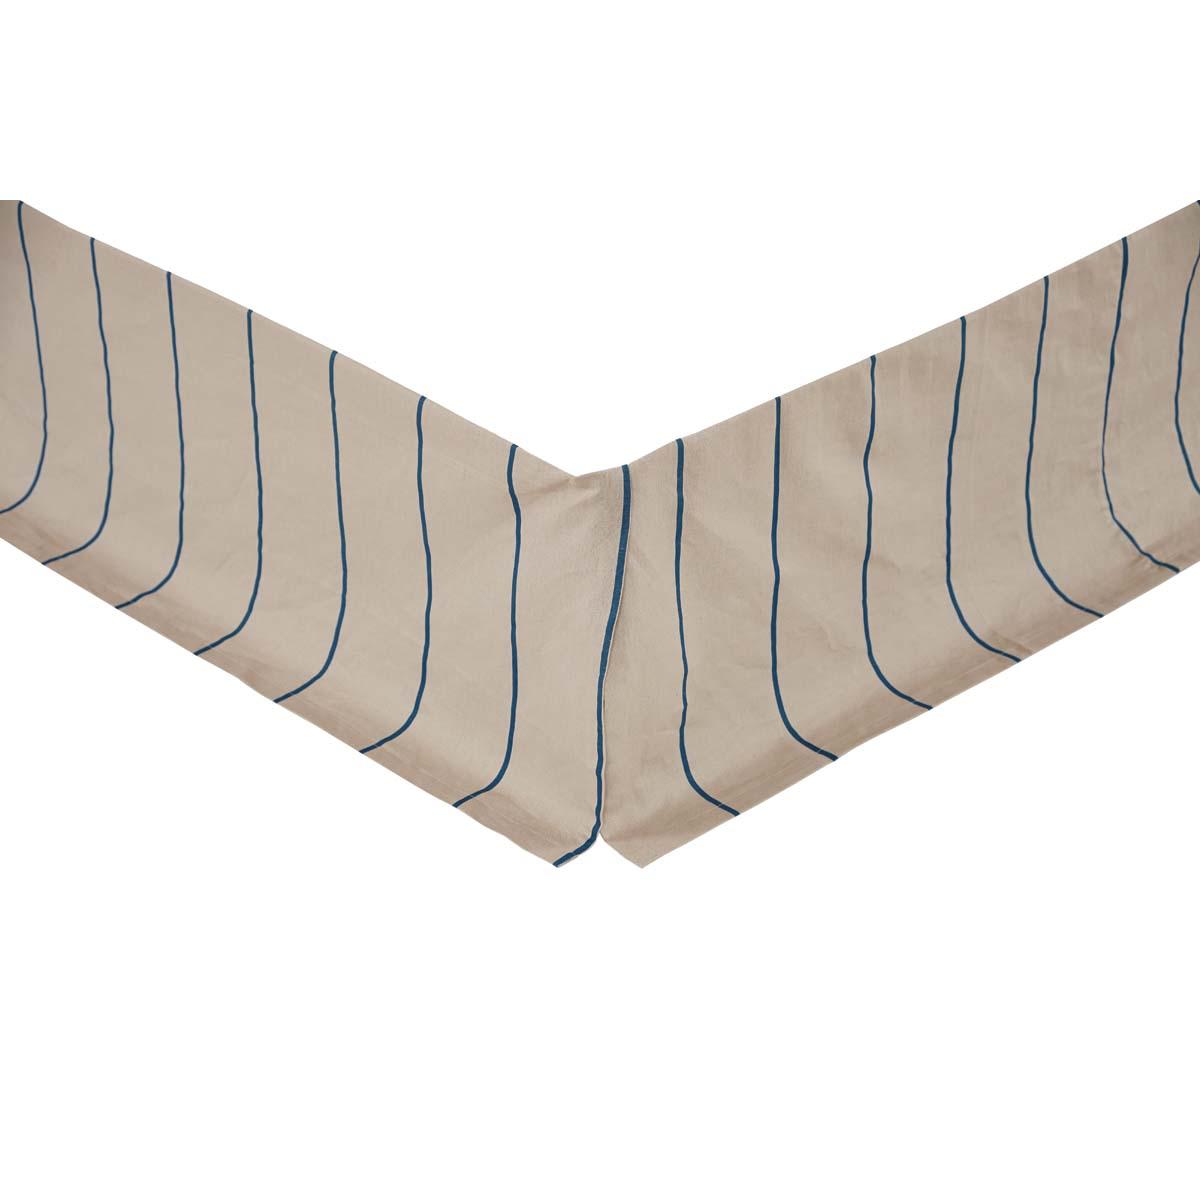 Charlotte Azure King Bed Skirt 78x80x16